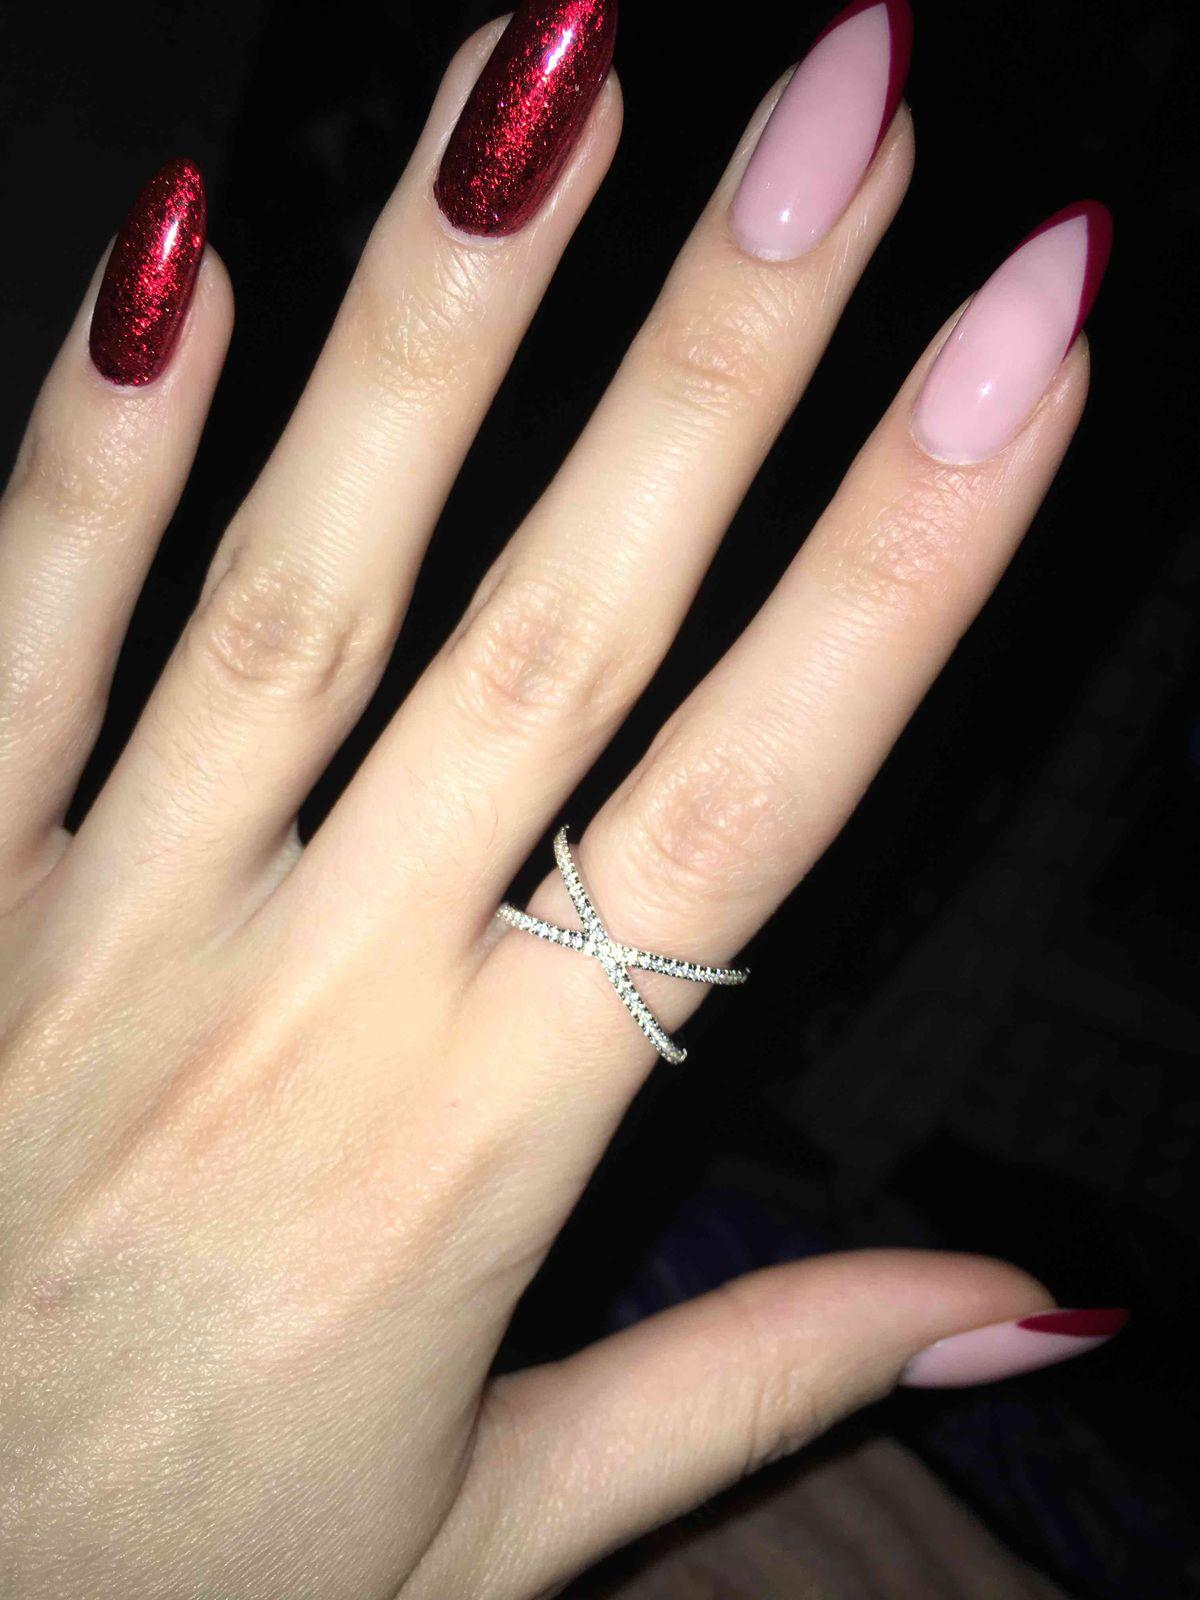 Прекрасное кольцо, невероятно крутого дизайна с фианитами! очень эфектное!